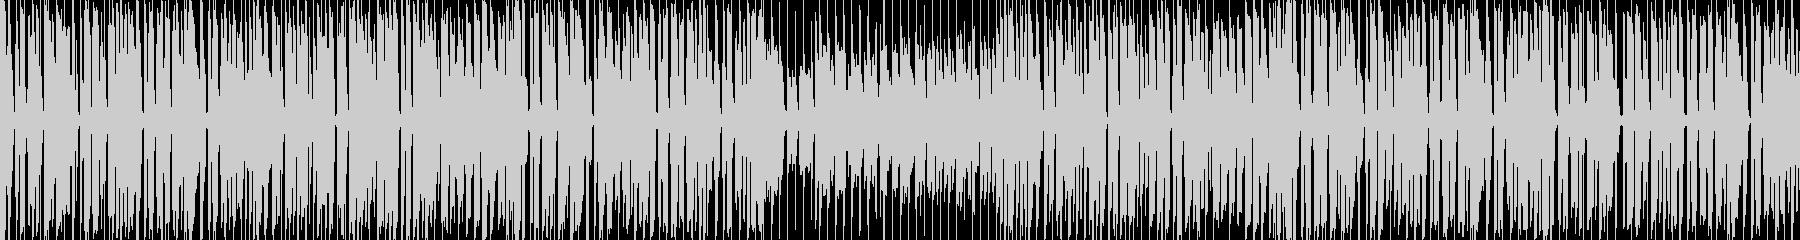 ゆるめでキャッチーなギターポップ の未再生の波形